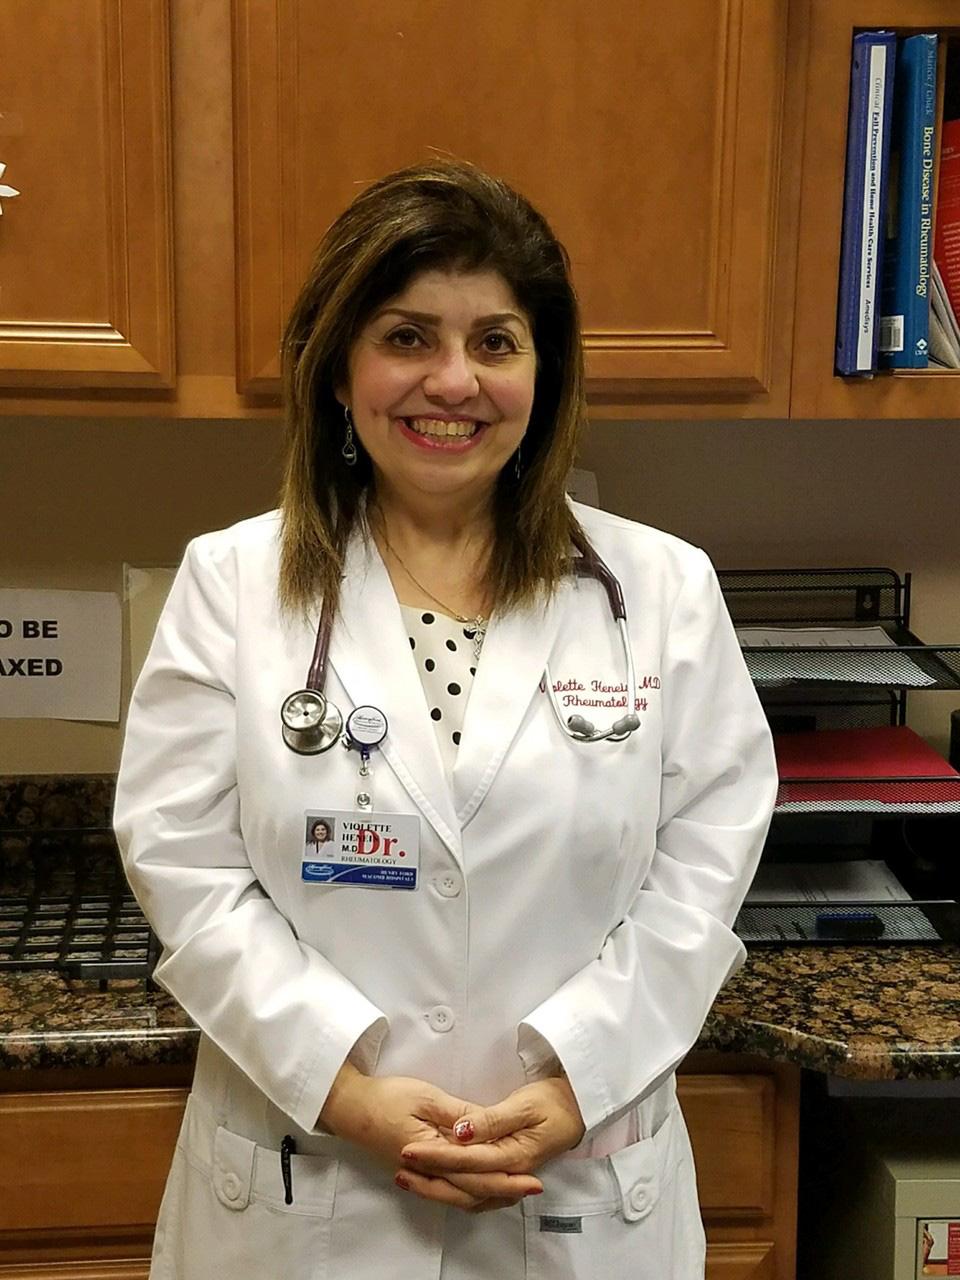 Dr. Violette Henein